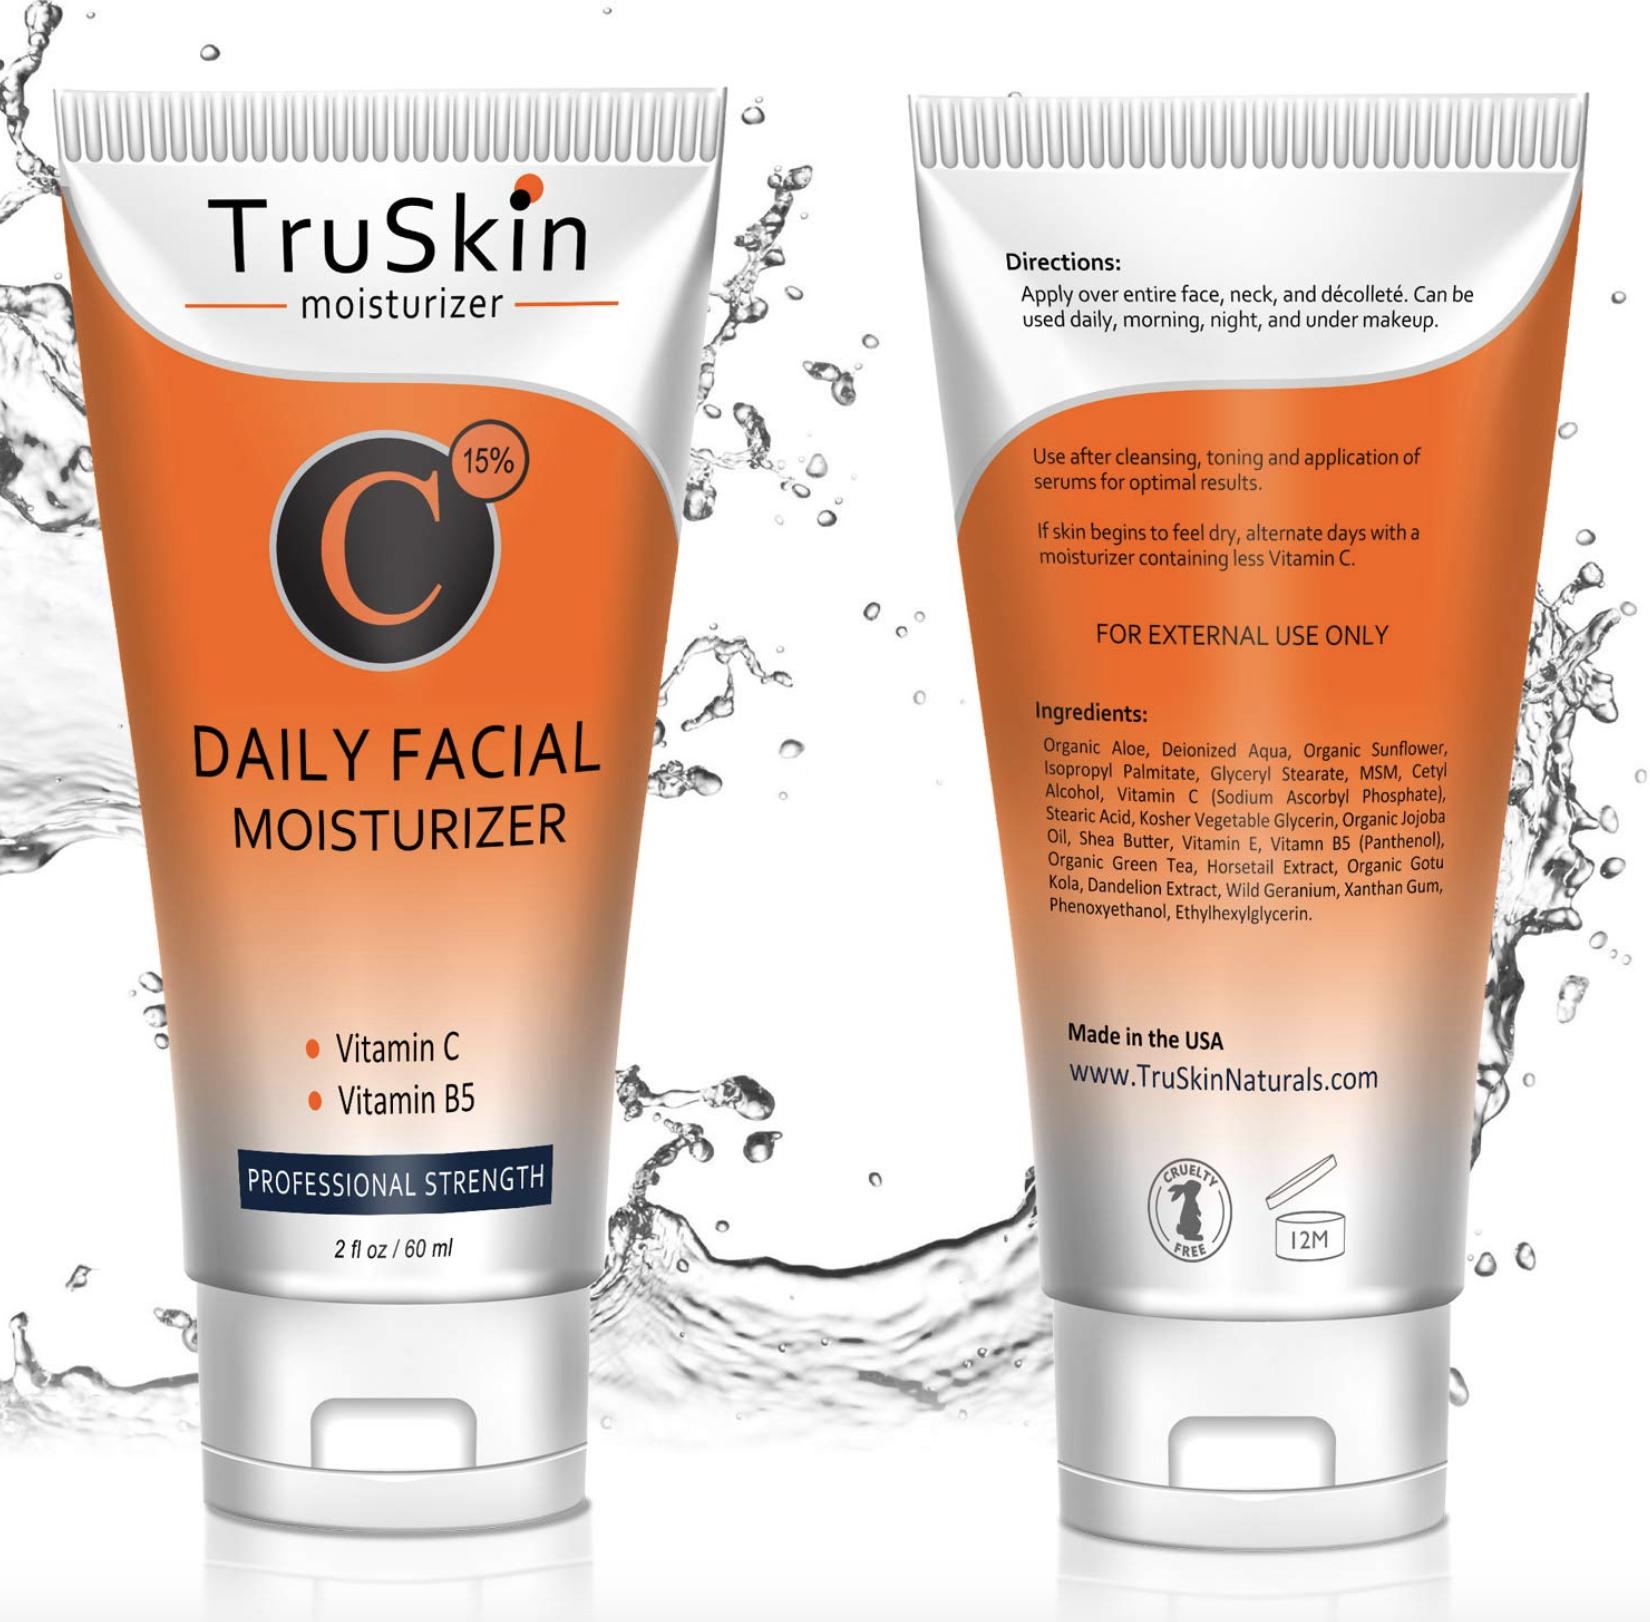 TruSkin Naturals Vitamin C Cream for Face